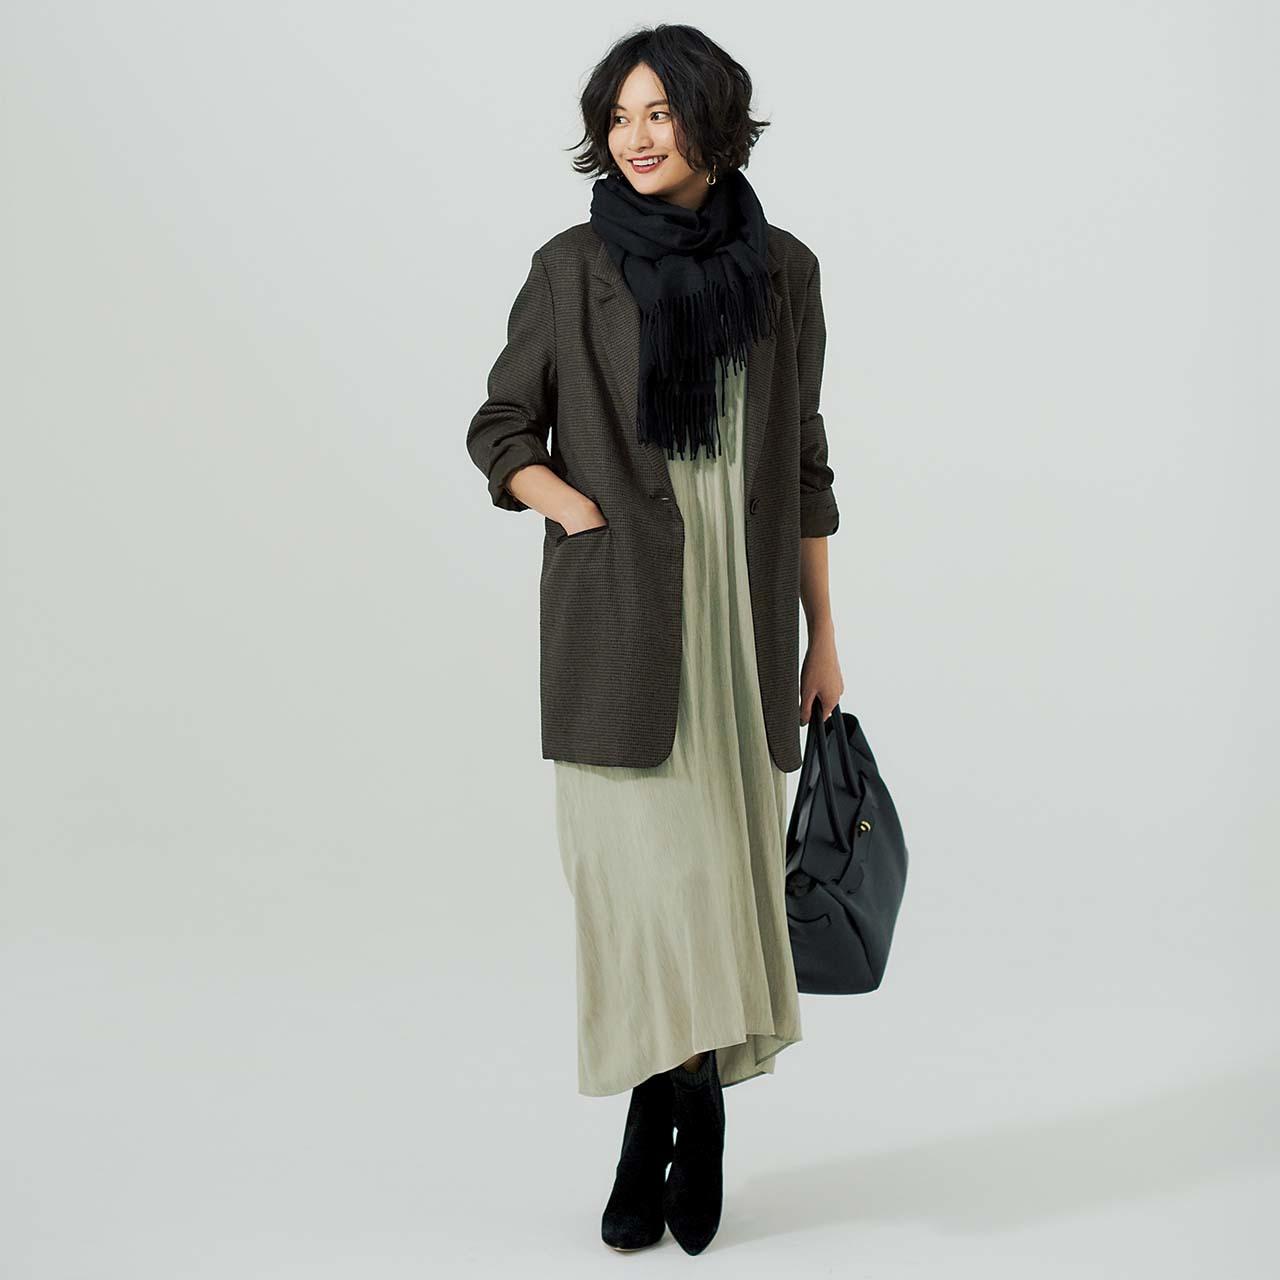 チェックのジャケット&とろみワンピースを着たモデルの渡辺佳子さん